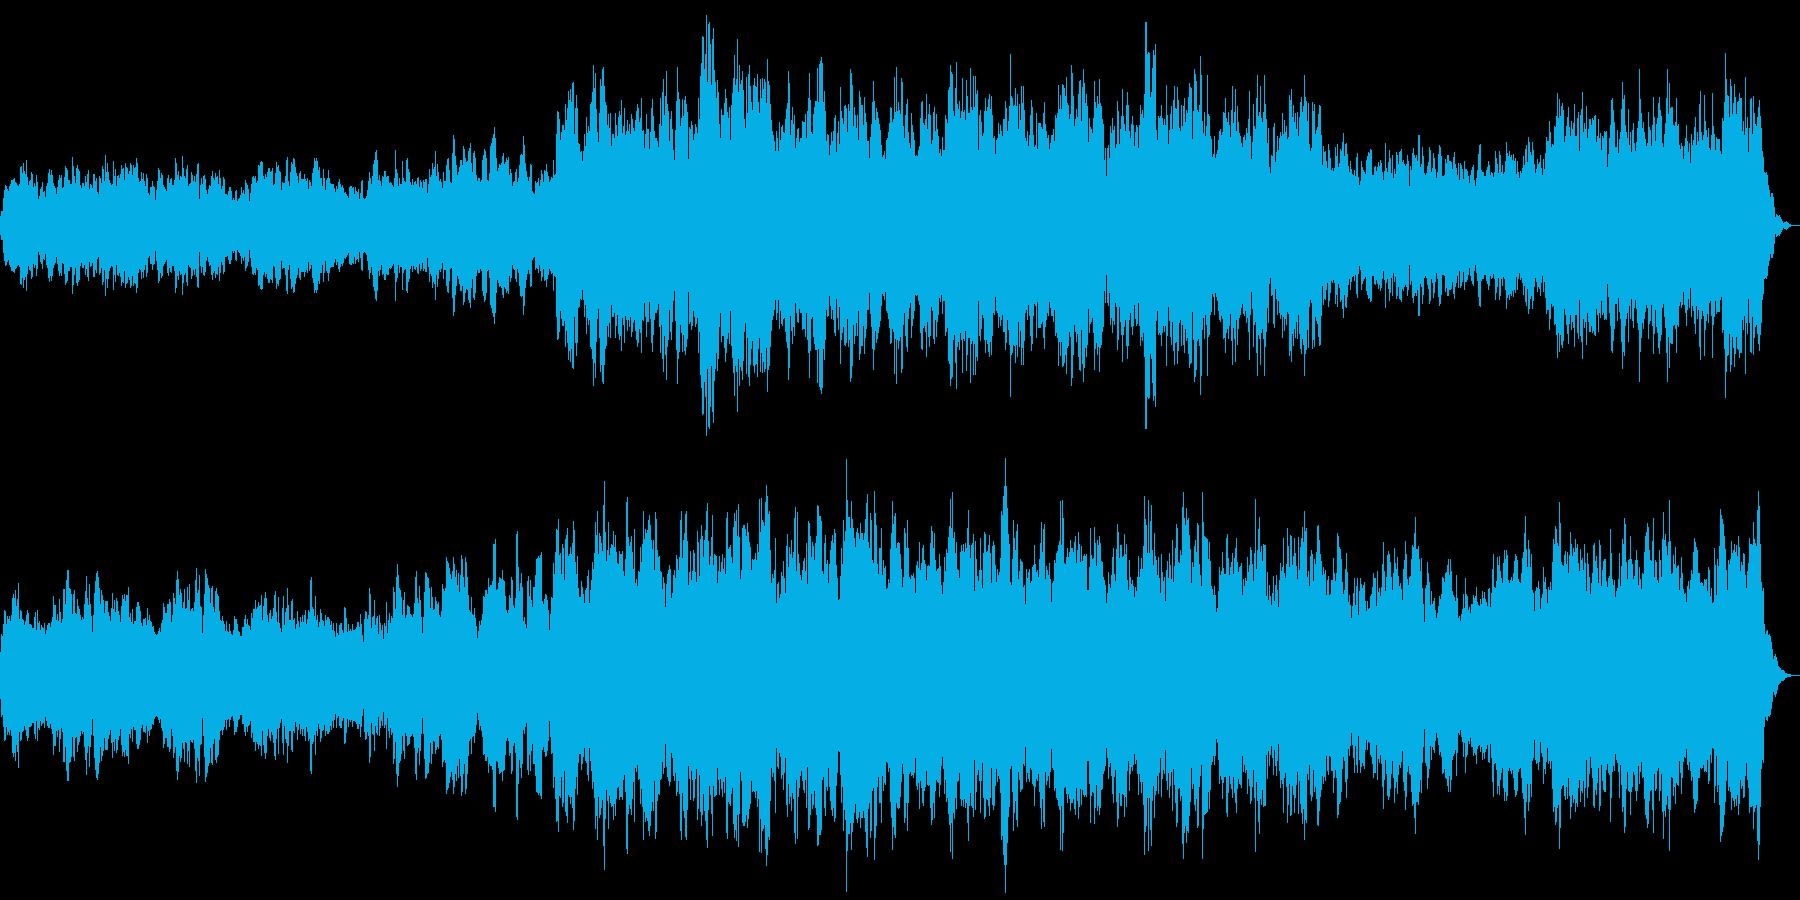 ザダーク 恐怖演出 ホラーなストリングスの再生済みの波形